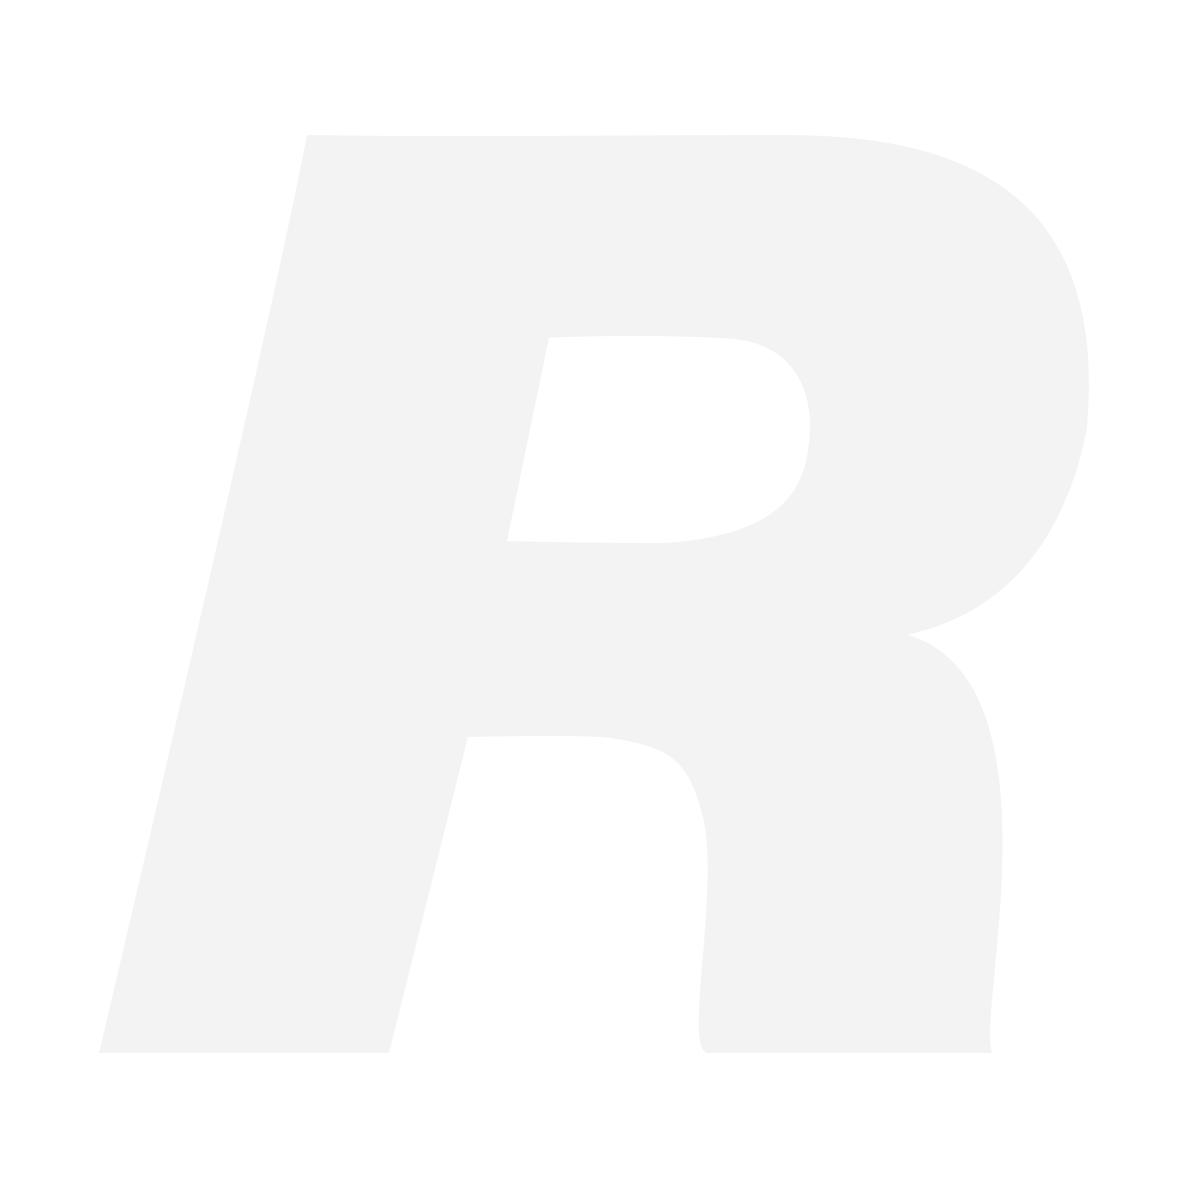 GoPro Karma Propellit (4 kpl)